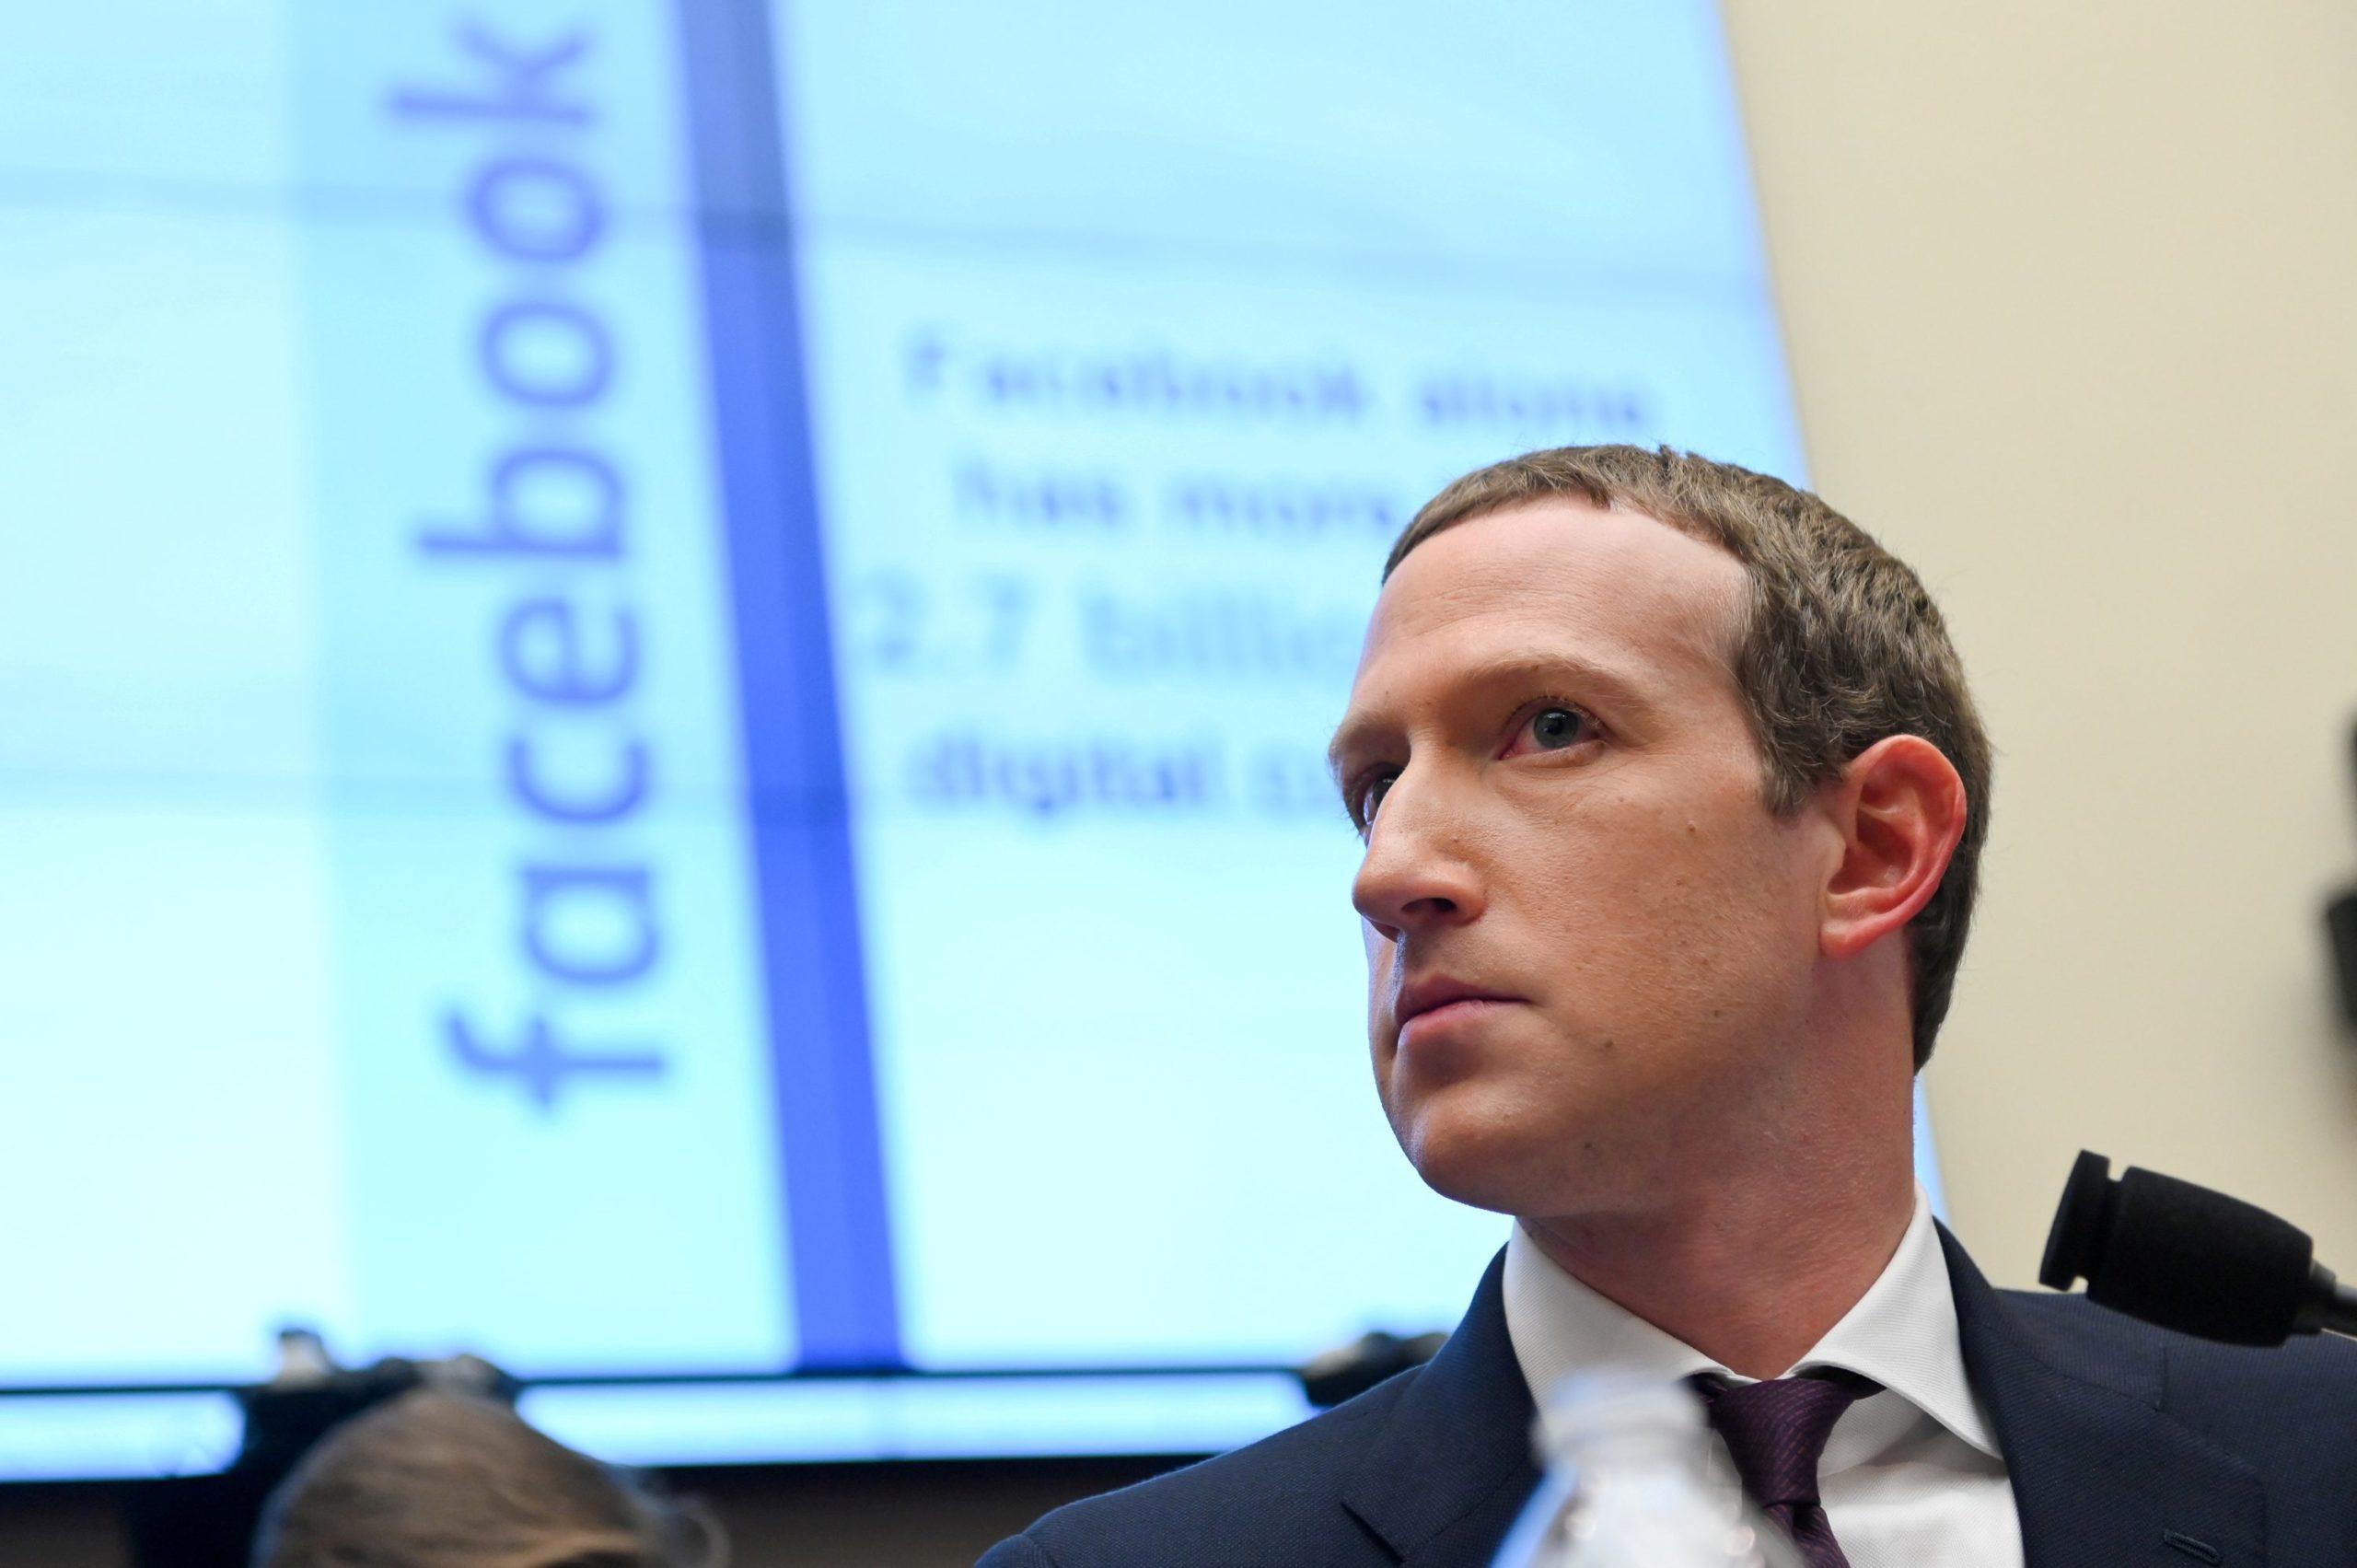 บ.ยักษ์แห่แบนลงโฆษณาเฟซบุ๊ก จี้จัดการเนื้อหาสร้างความเกลียดชัง